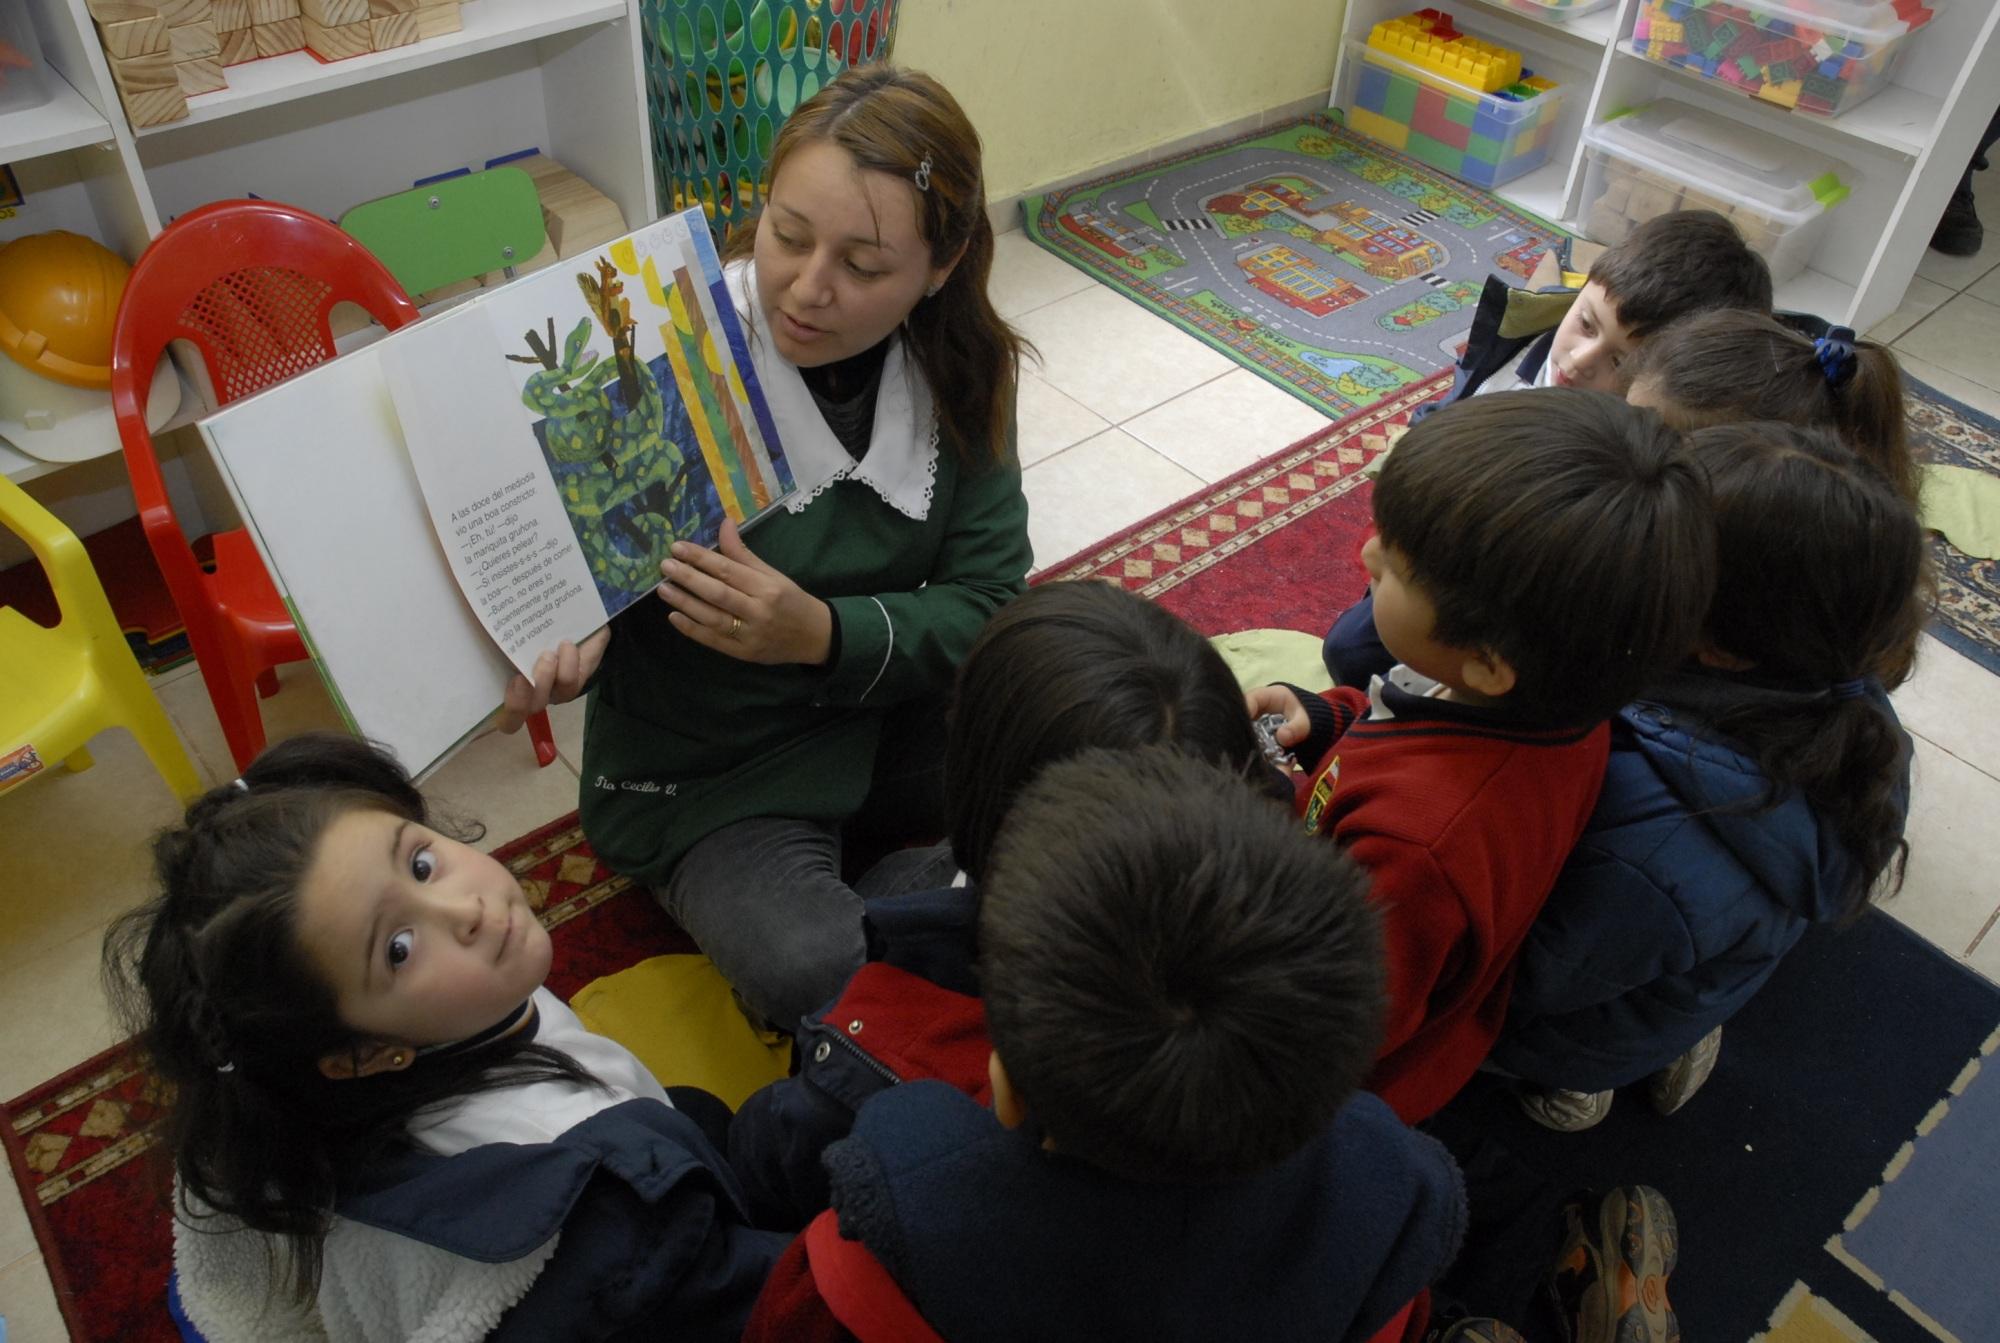 Evaluarán_las_distintas_estrategias_para_enseñar_a_leer_en_los_establecimientos_subvencionados_chilenos